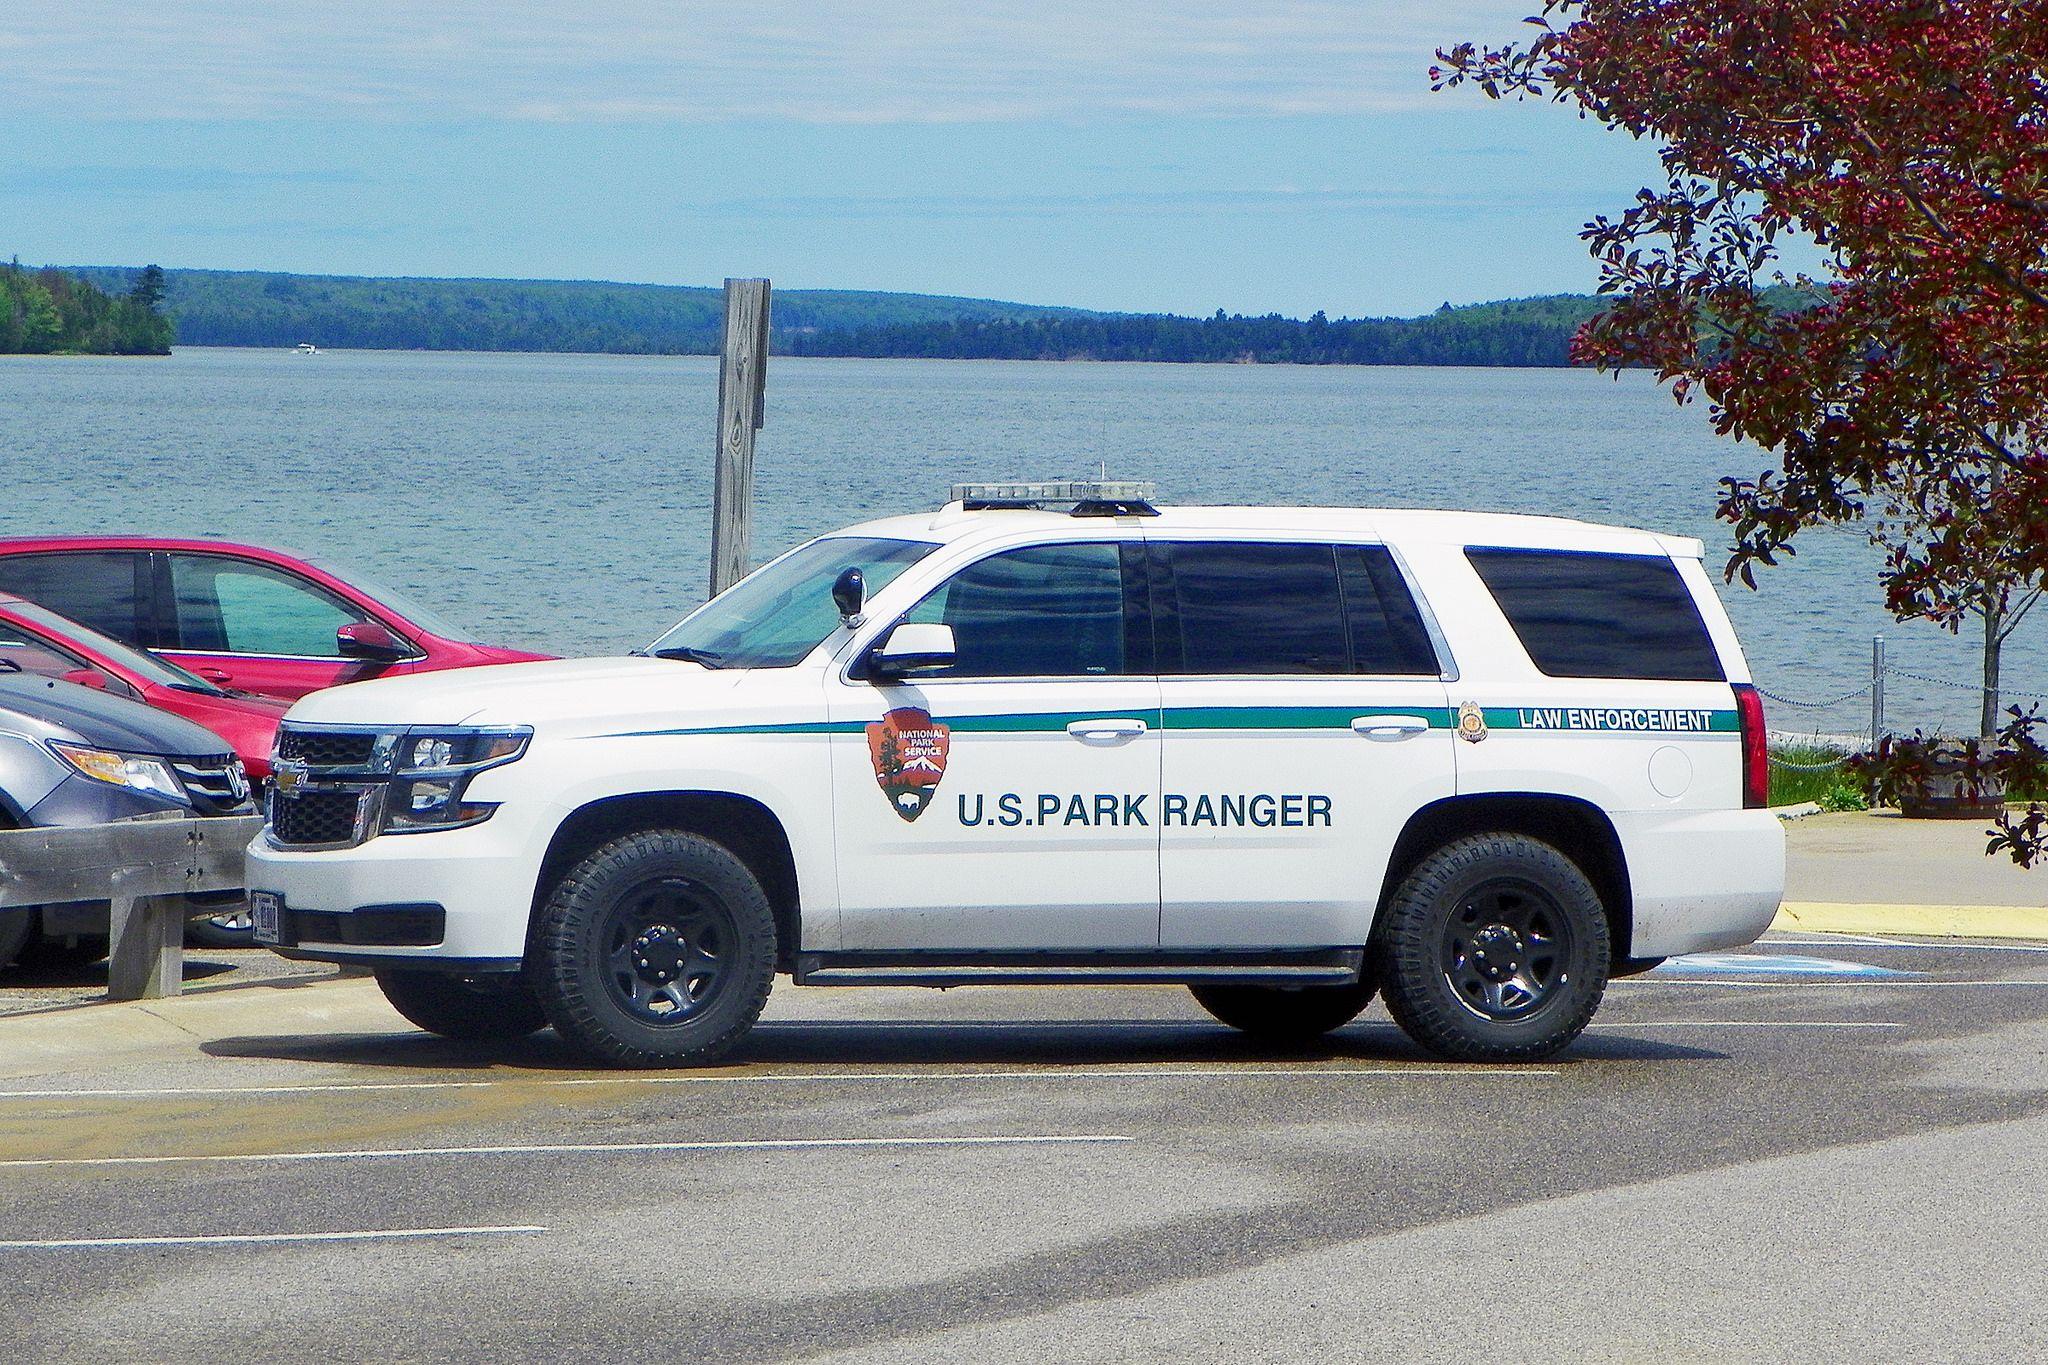 Nps Parkranger 0071 With Images Ranger Car Old Police Cars